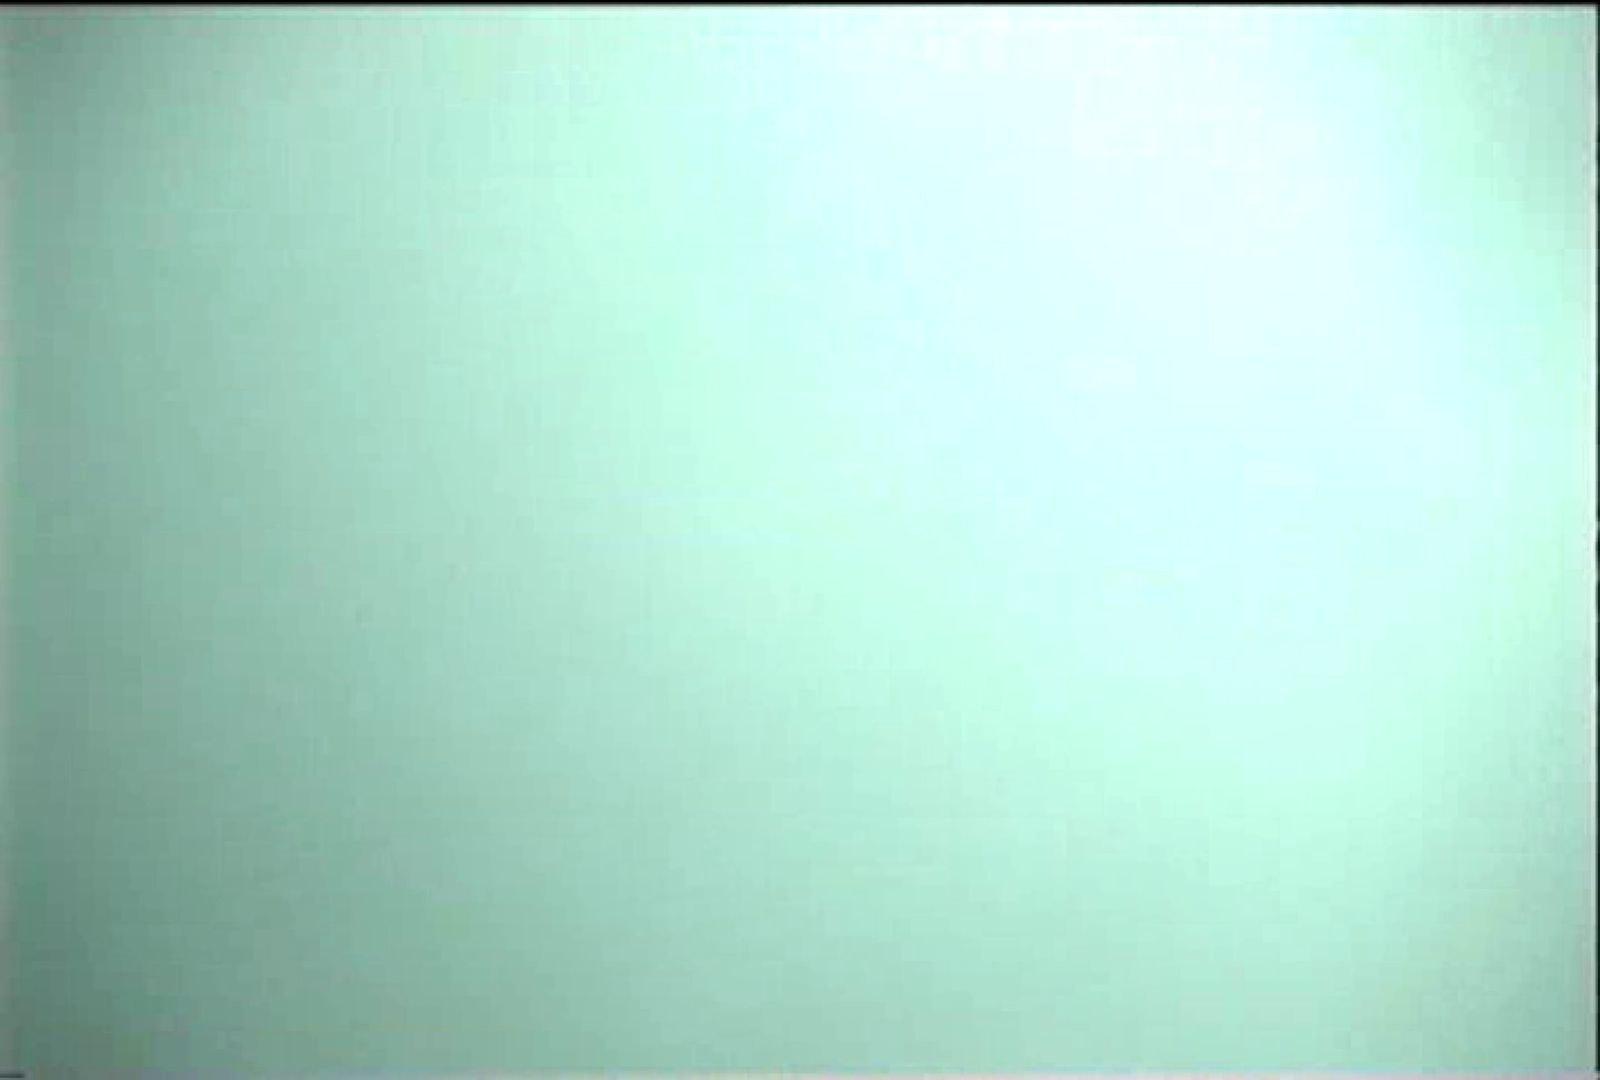 充血監督の深夜の運動会Vol.81 美しいOLの裸体 | 現役ギャル  94pic 94